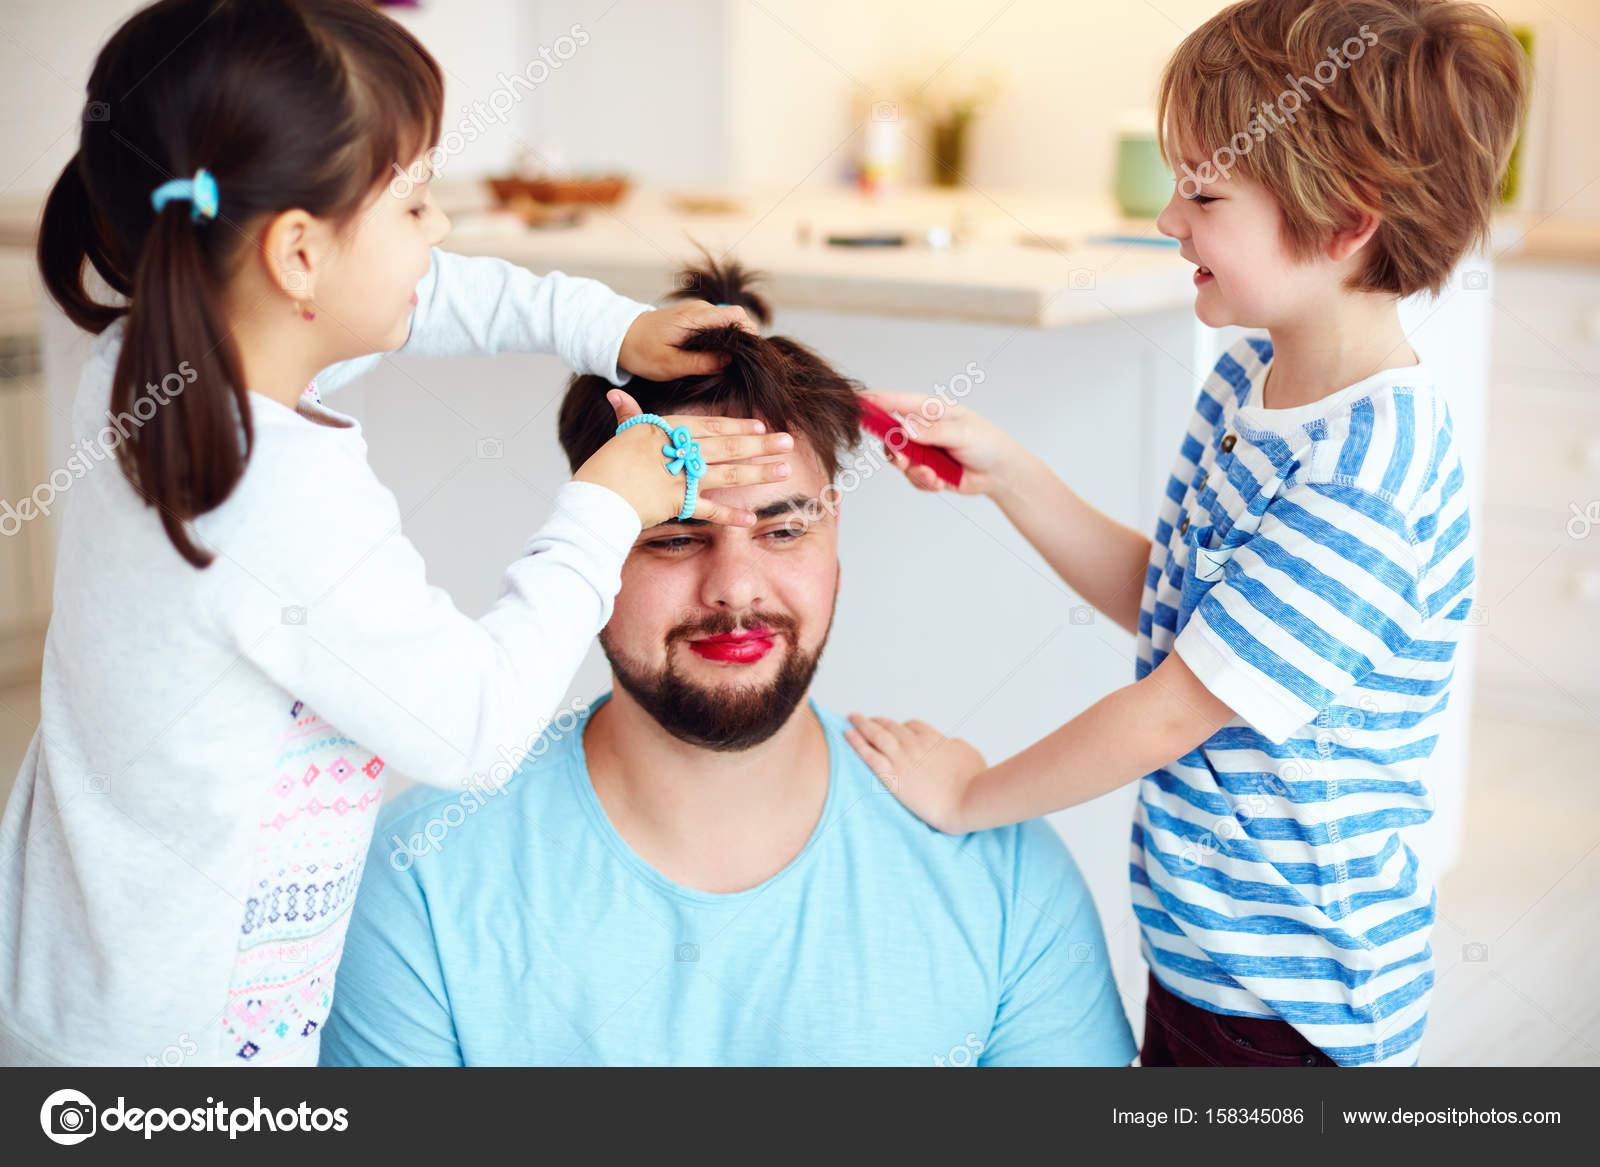 Szalonych Dzieci Co Szalone Fryzury I Makijaż Do Taty W Domu